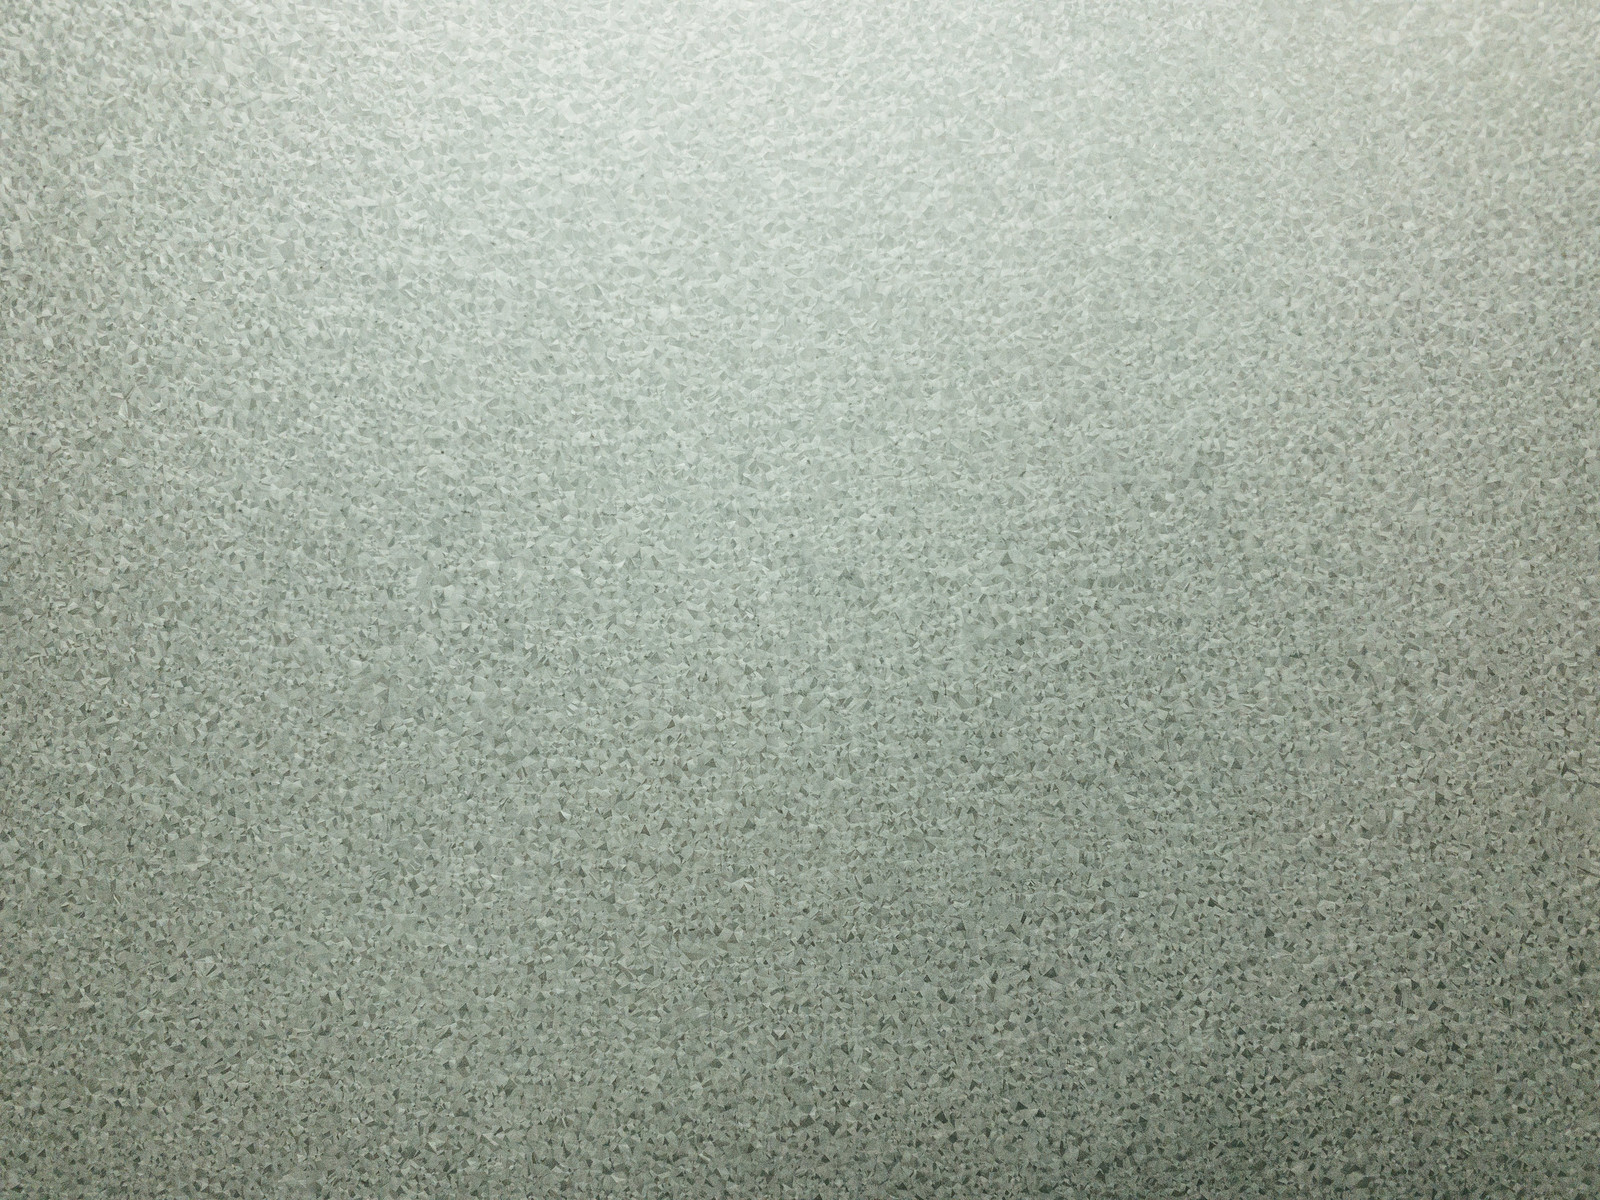 「空調機外装パネル(テクスチャ)」の写真